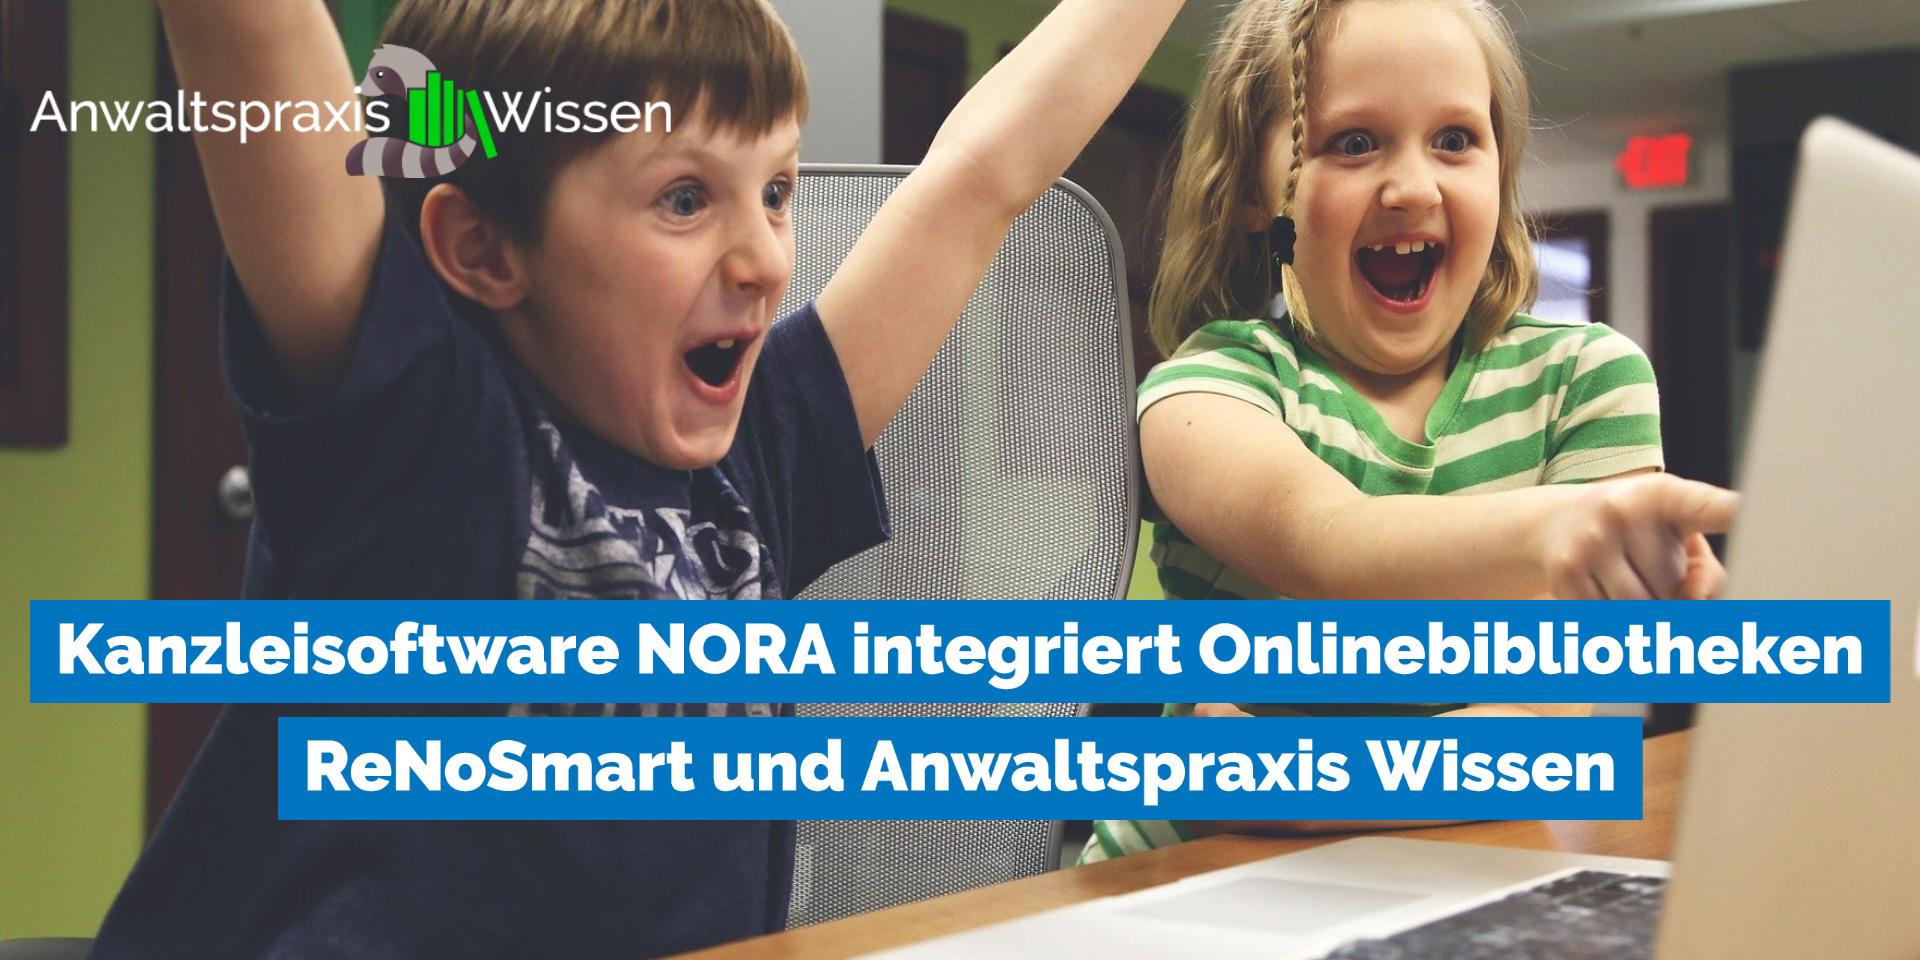 Kanzleisoftware NORA bietet Nutzern mit unseren Onlinebibliotheken Anwaltspraxis Wissen und ReNoSmart Wissensvorsprung